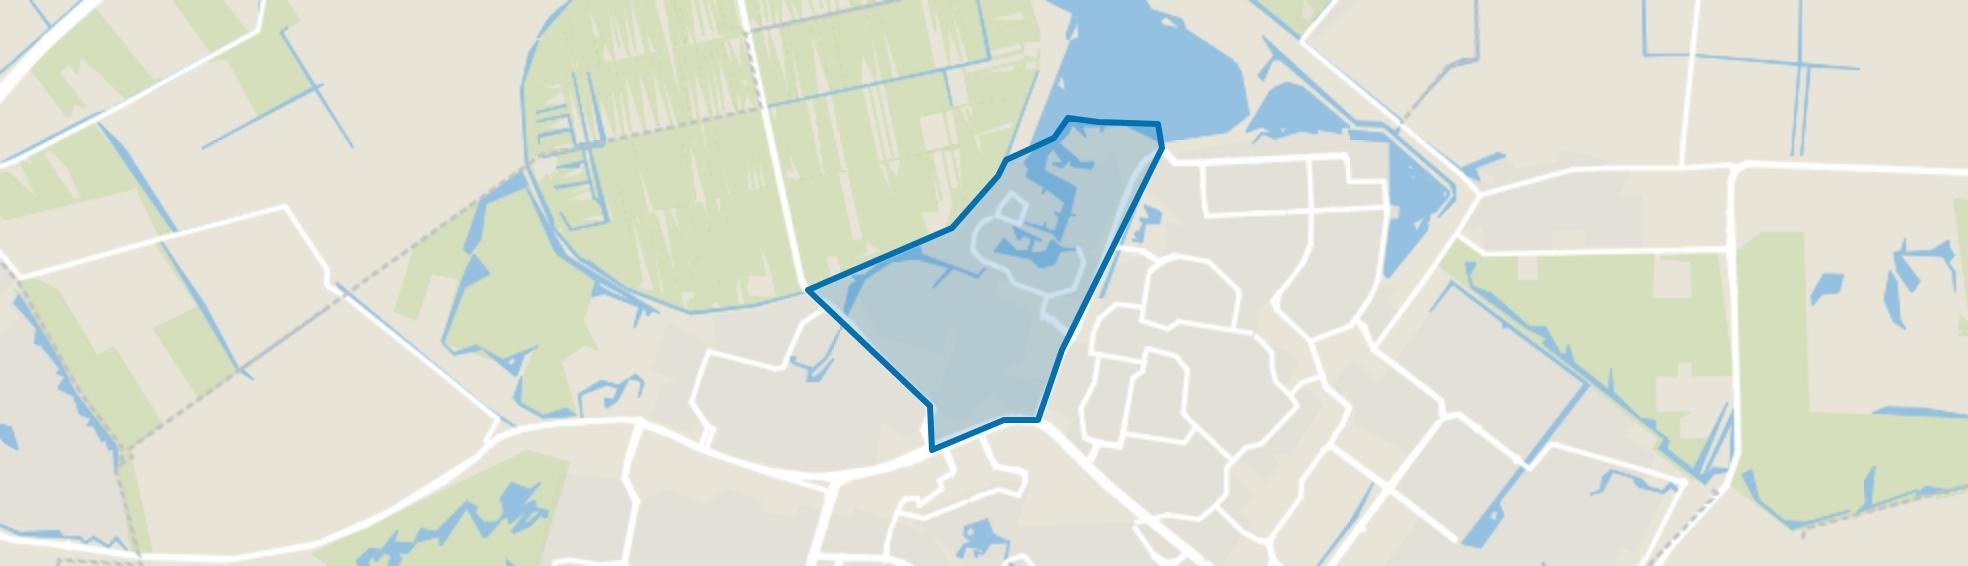 De Leyens, Zoetermeer map